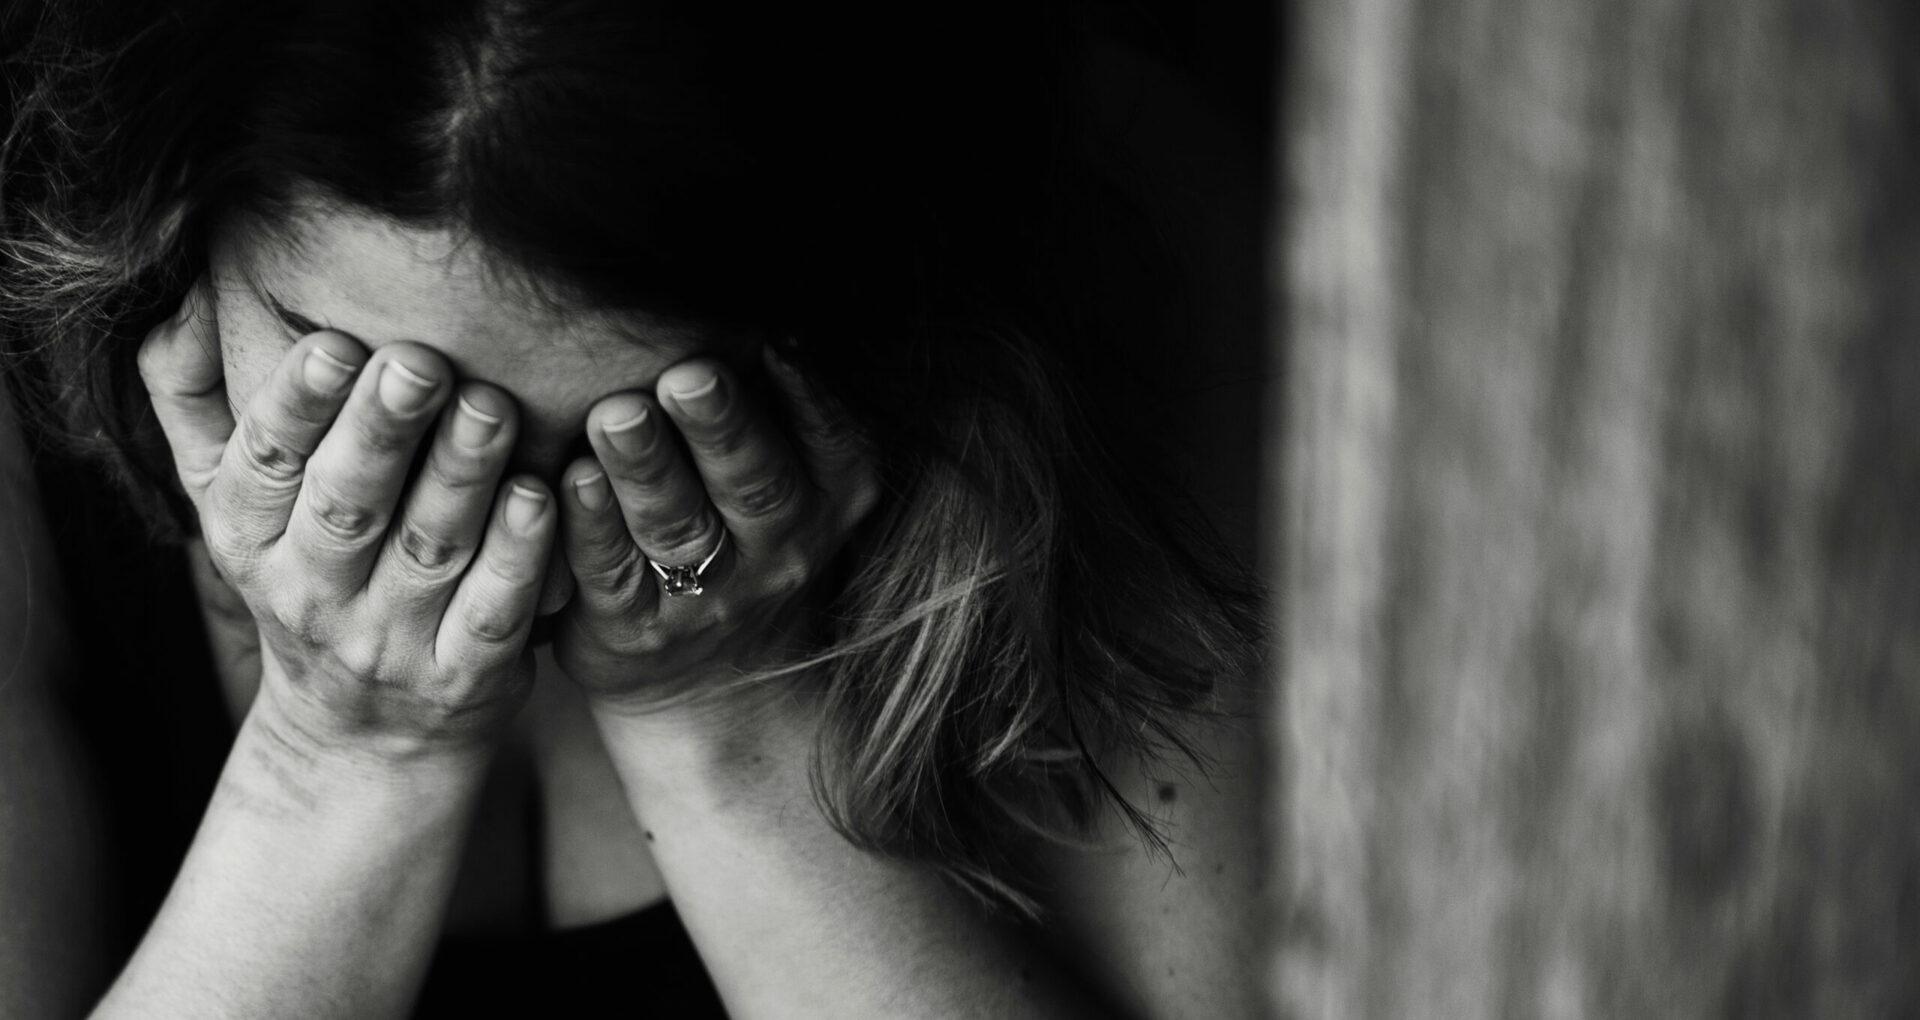 Violența împotriva femeilor și carantina. Ce trebuie să știe victimele